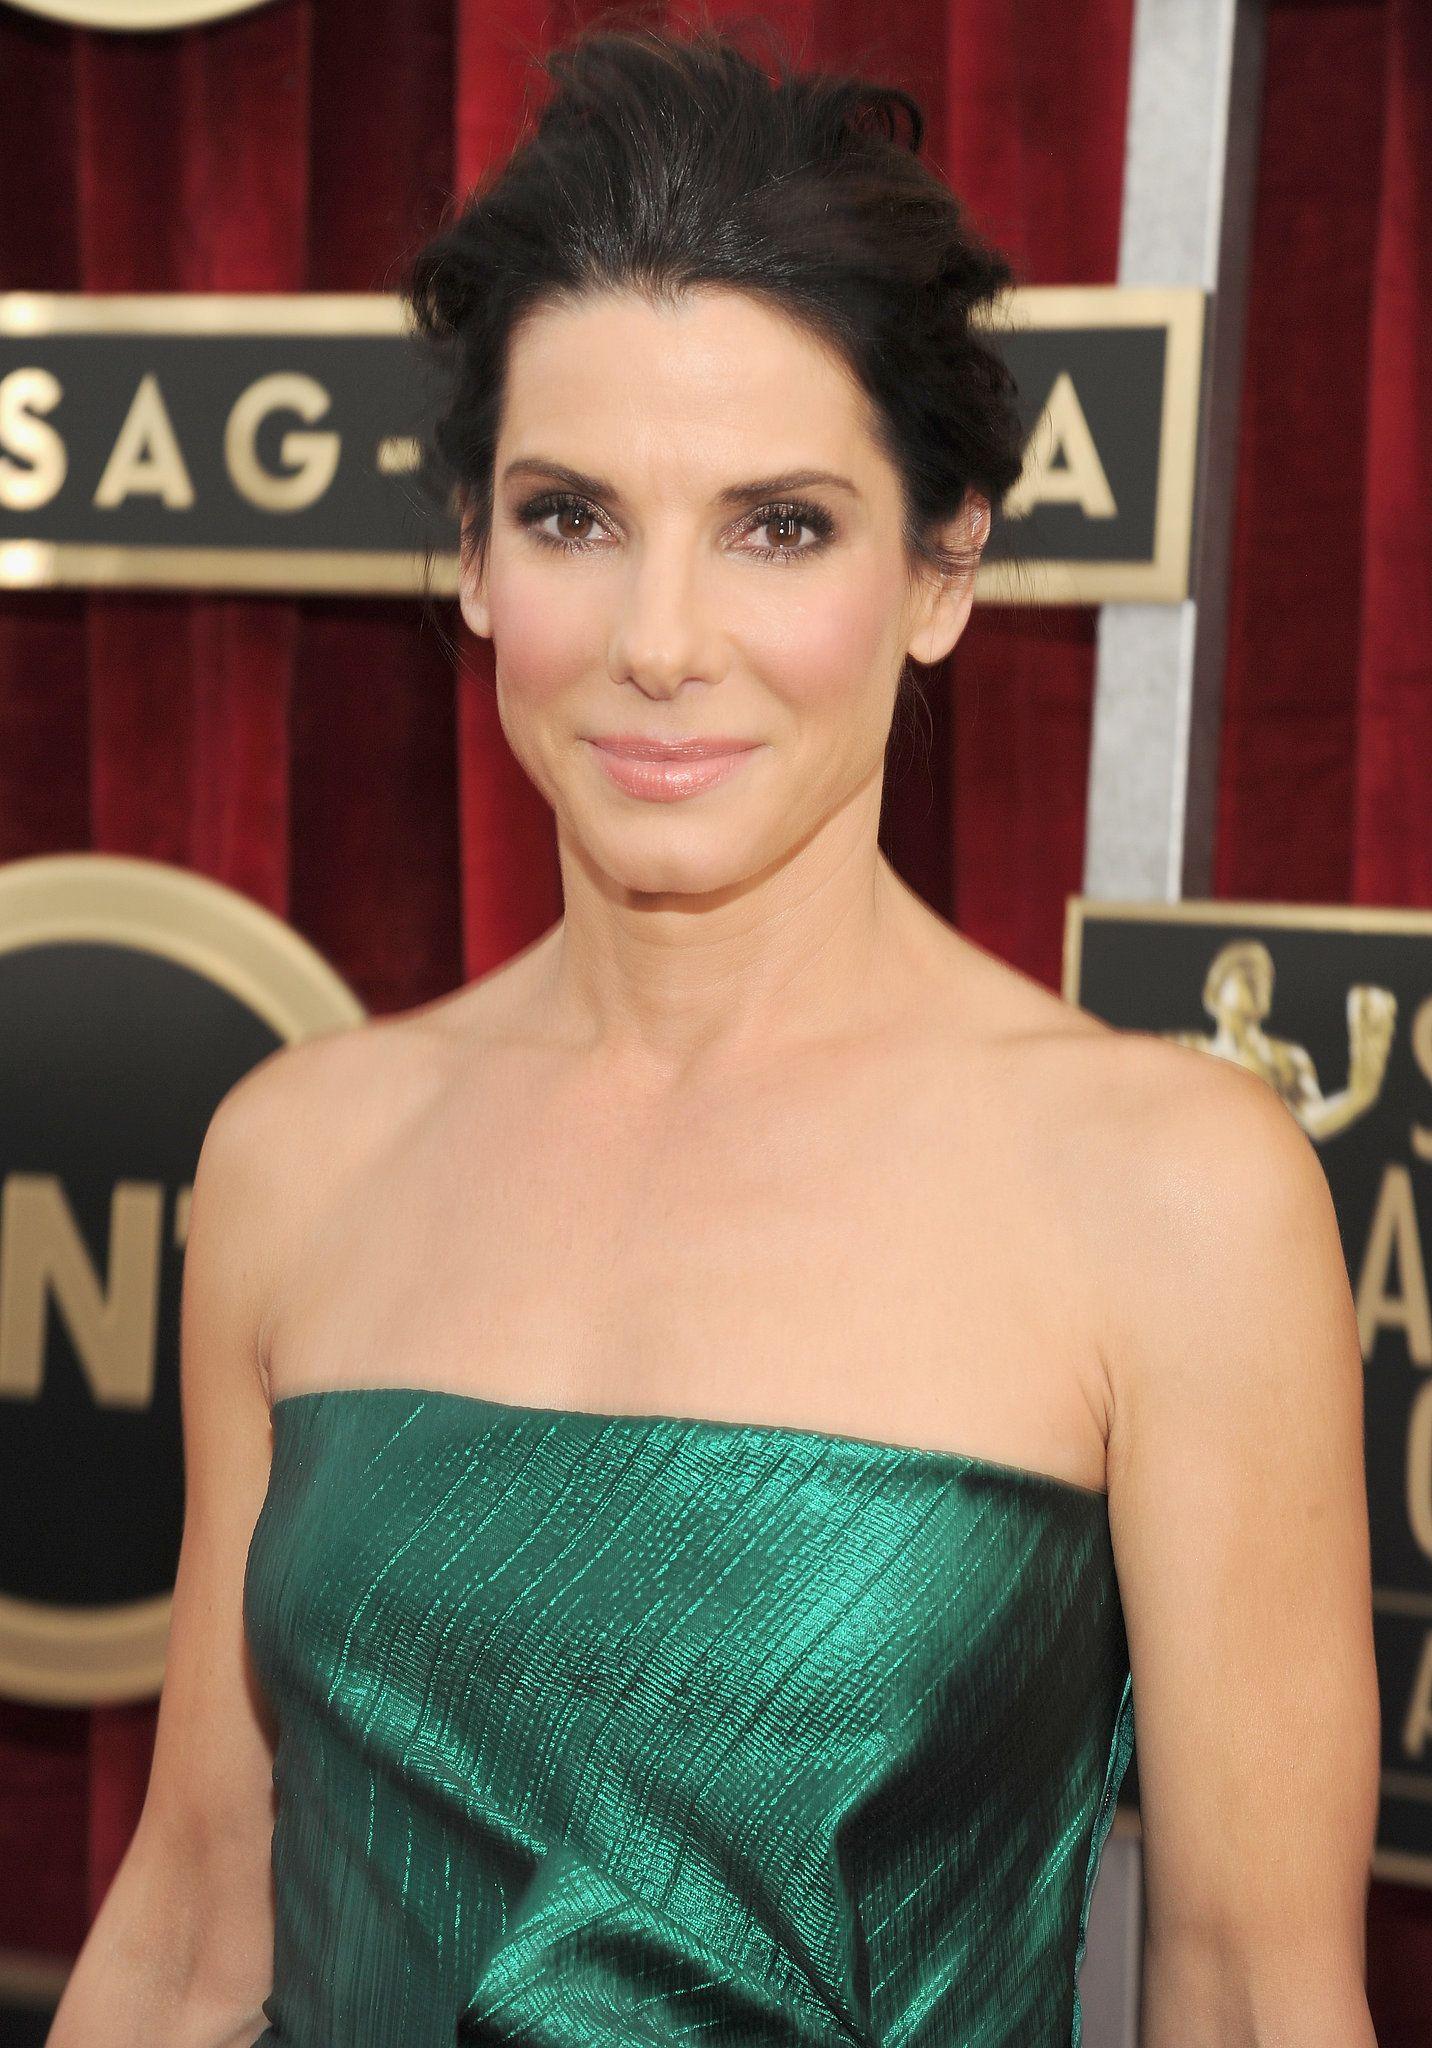 Sandra Bullock glowed at the SAG Awards.